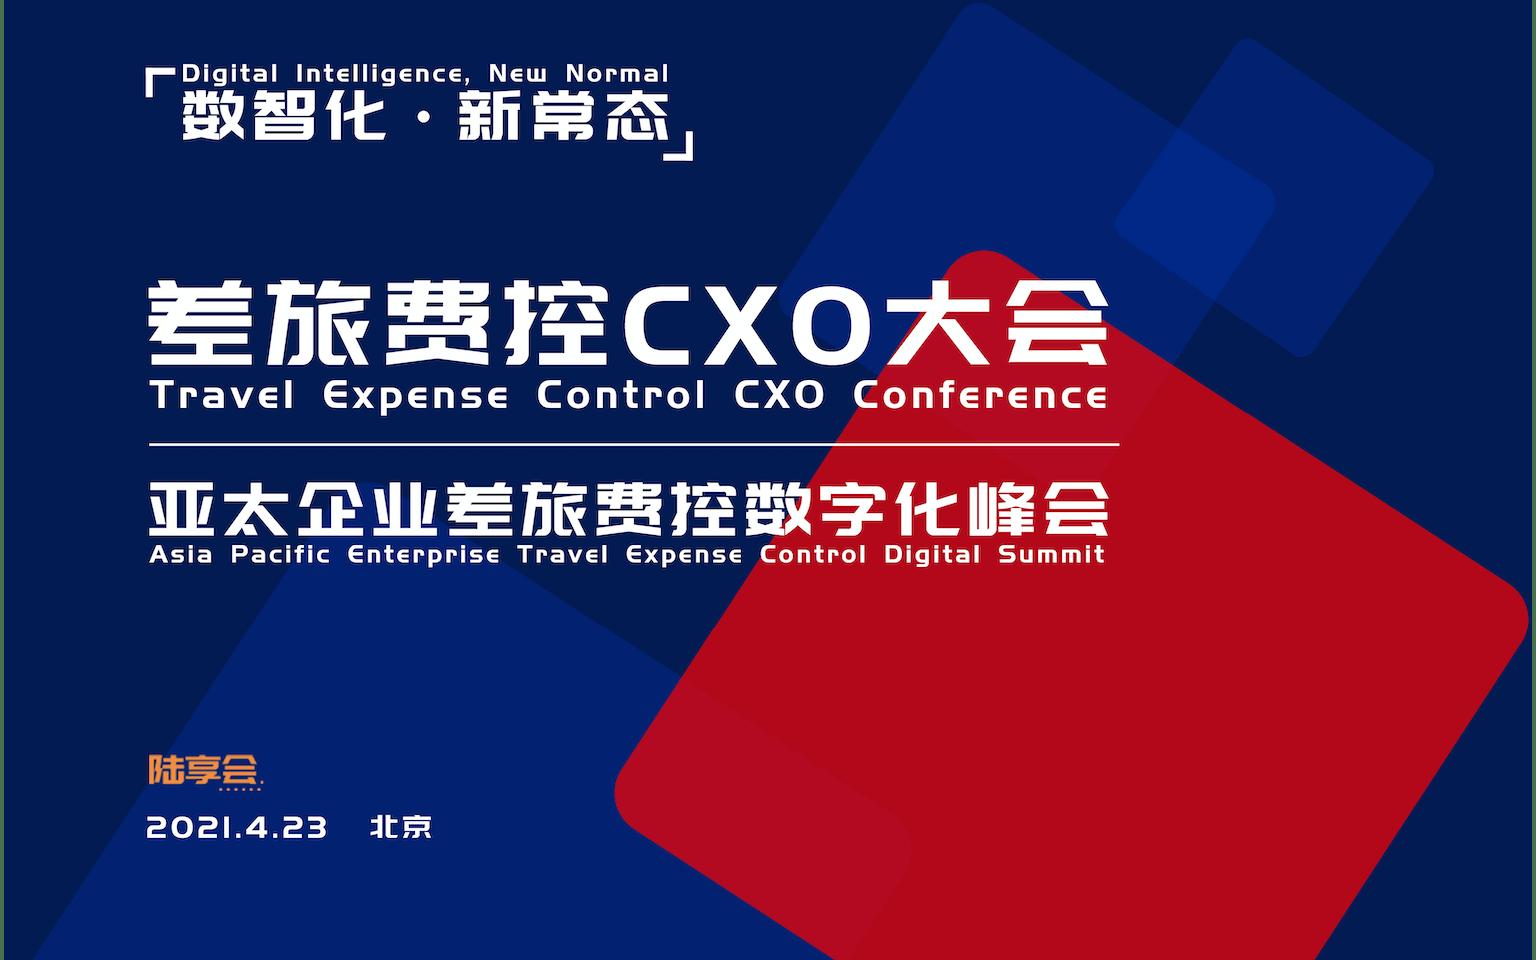 """""""数智化,新常态""""差旅费控CXO大会暨亚太企业差旅费控数字化峰会"""